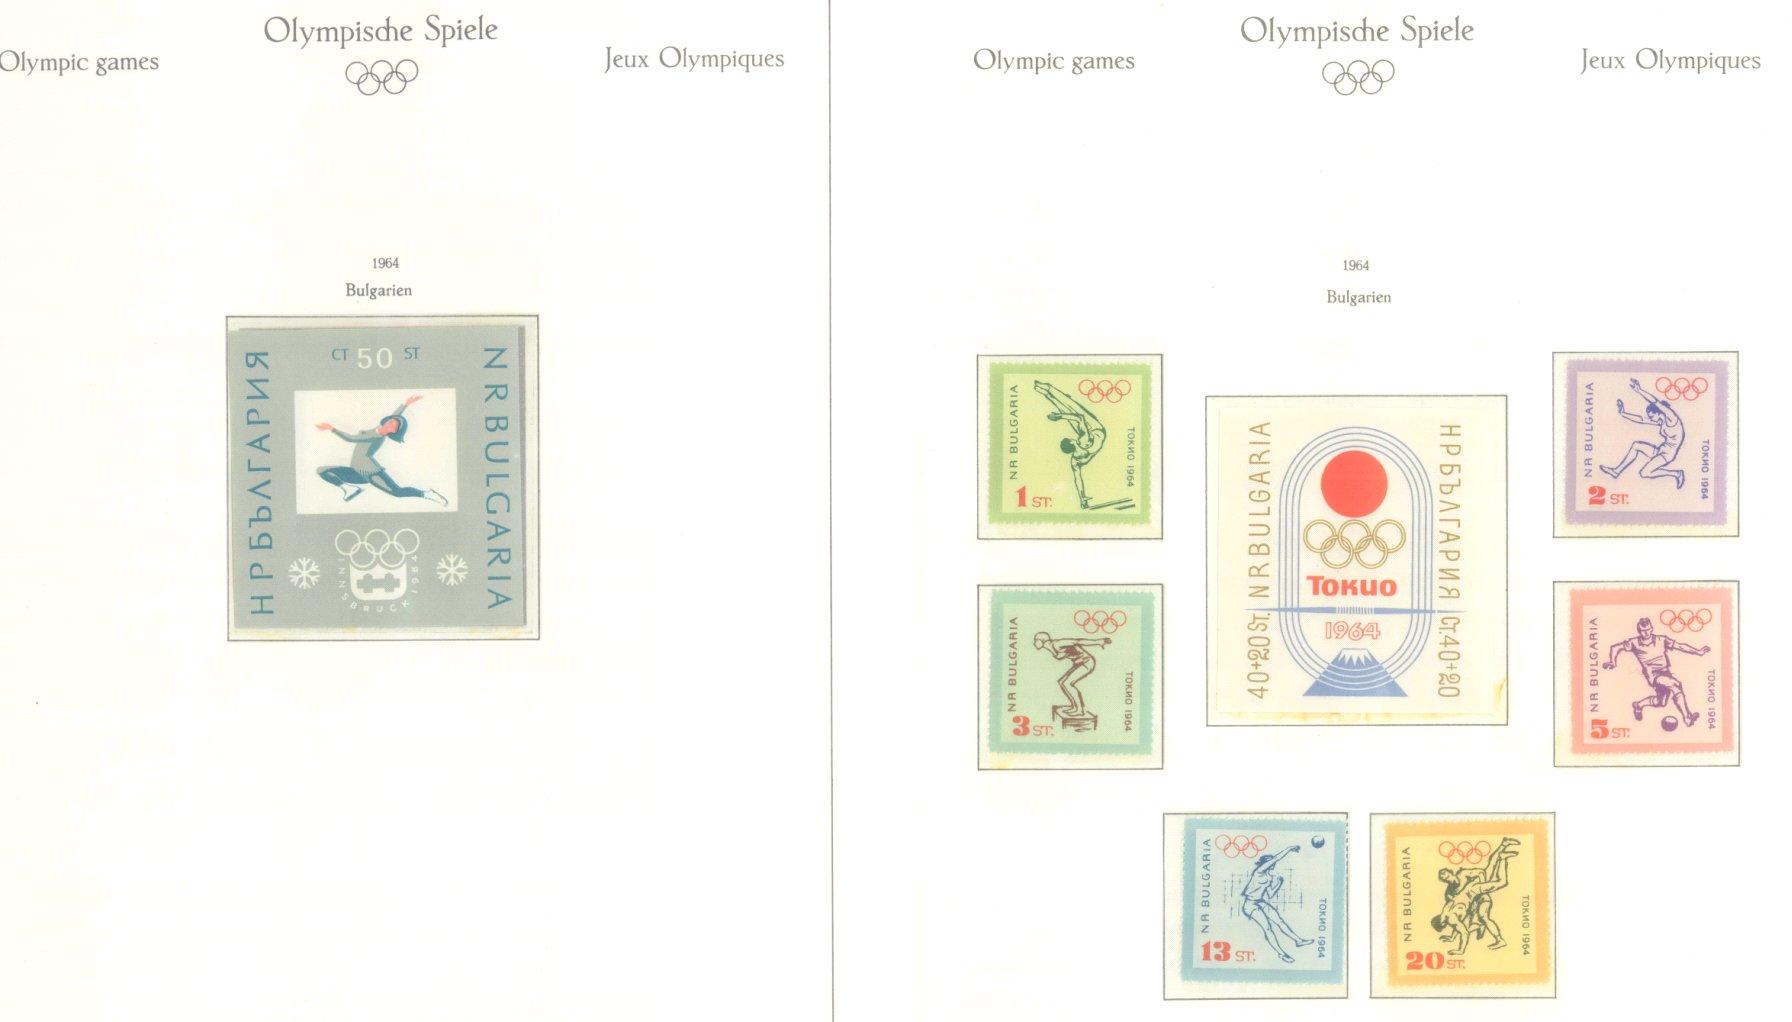 OLYMPISCHE SPIELE 1964 TOKIO, postfrische Sammlung Teil 1-64